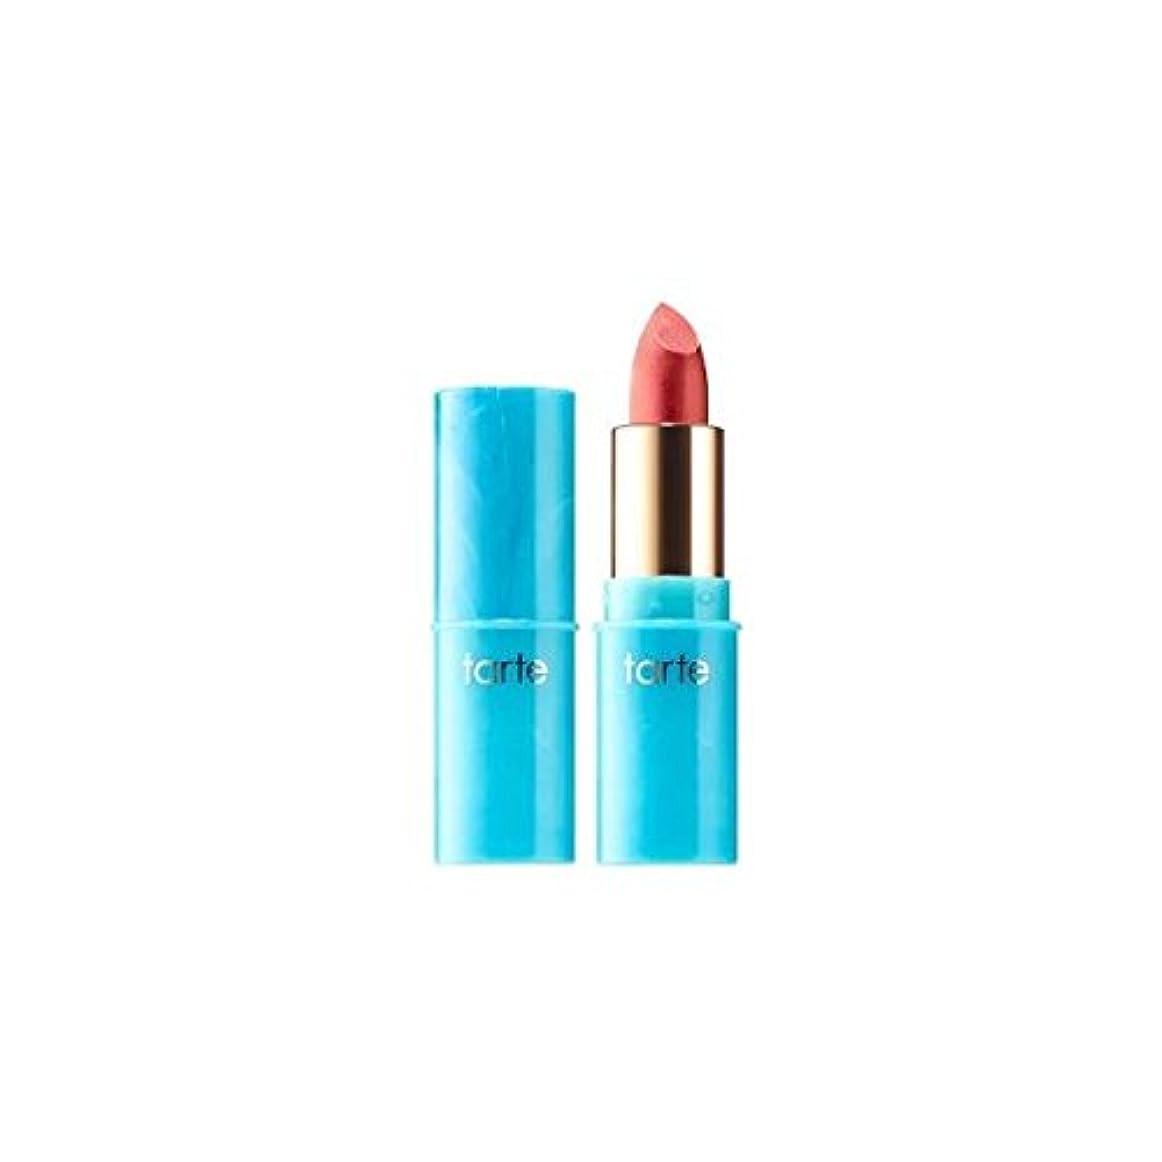 目覚める徹底ヘロインtarteタルト リップ Color Splash Lipstick - Rainforest of the Sea Collection Metallic finish